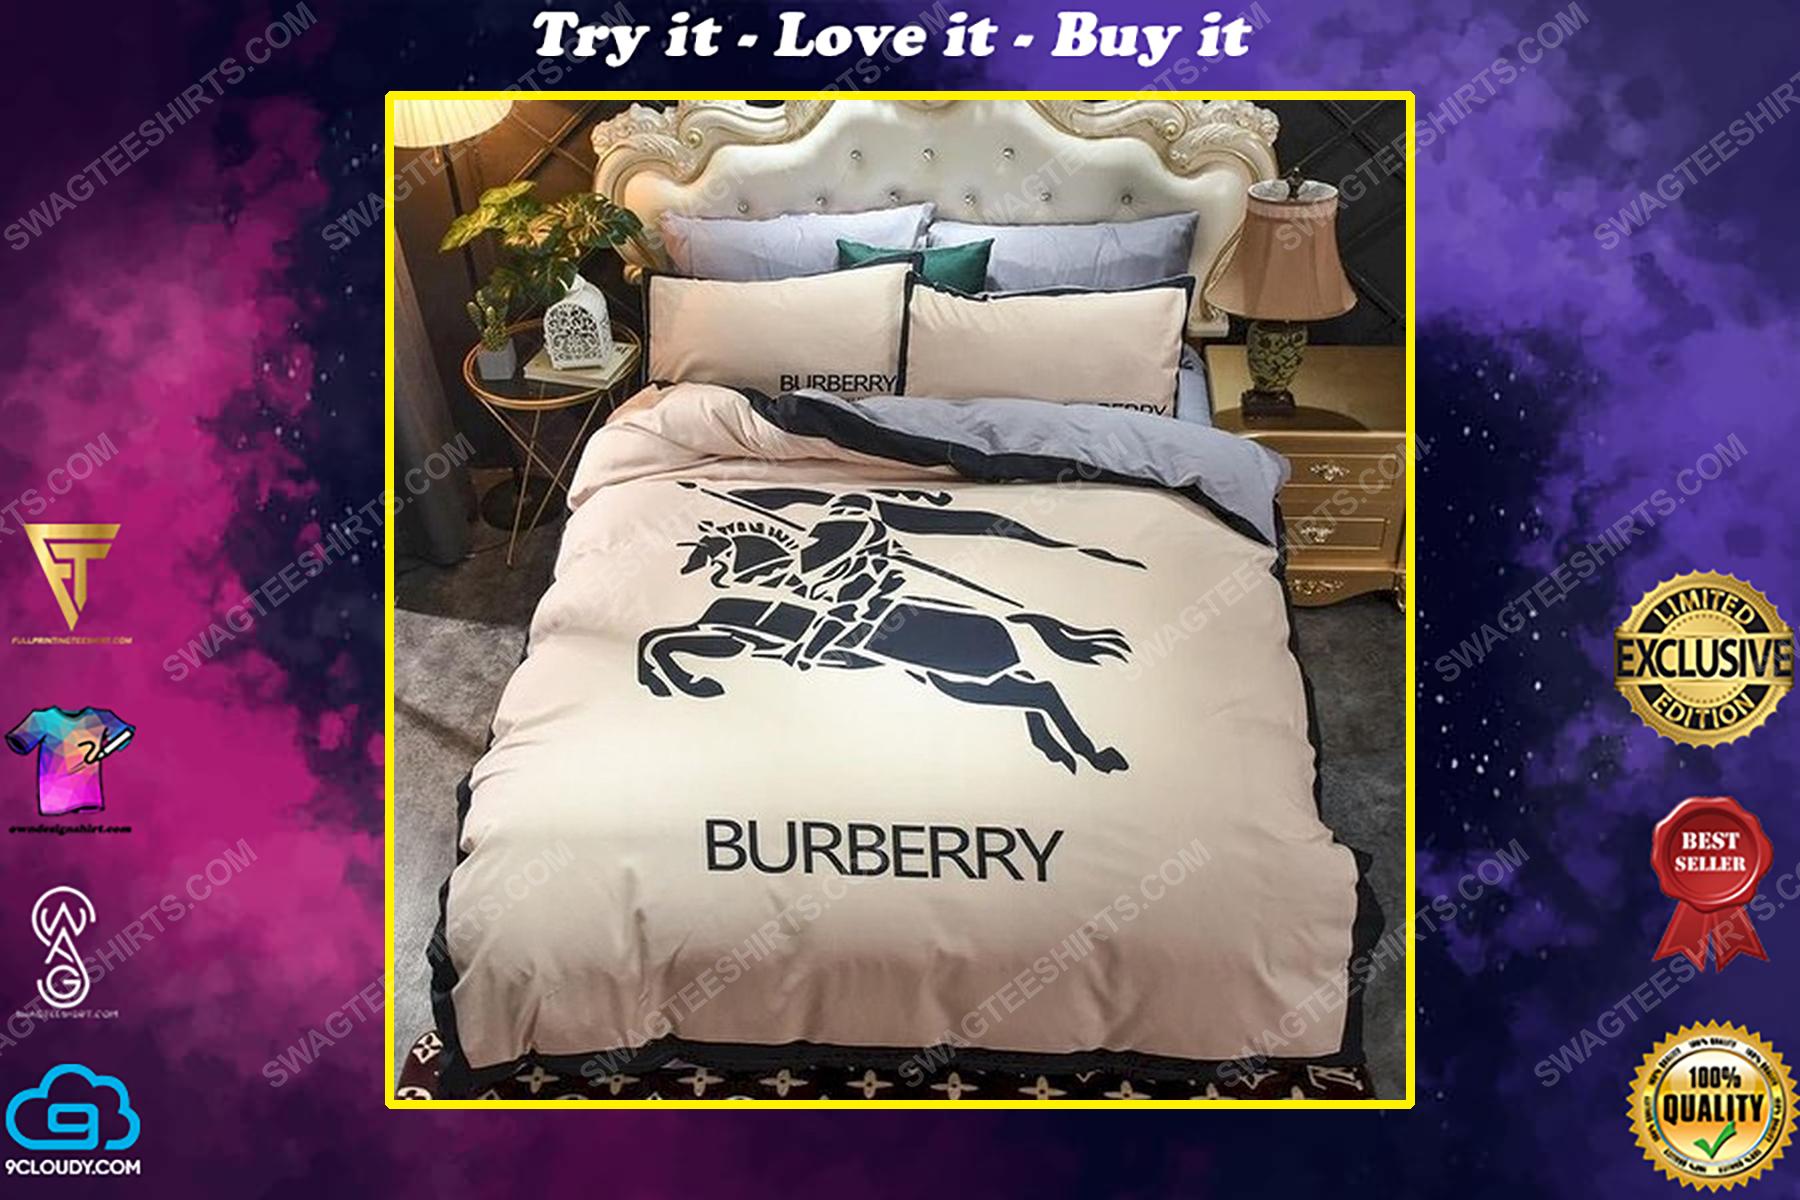 Burberry symbol full print duvet cover bedding set